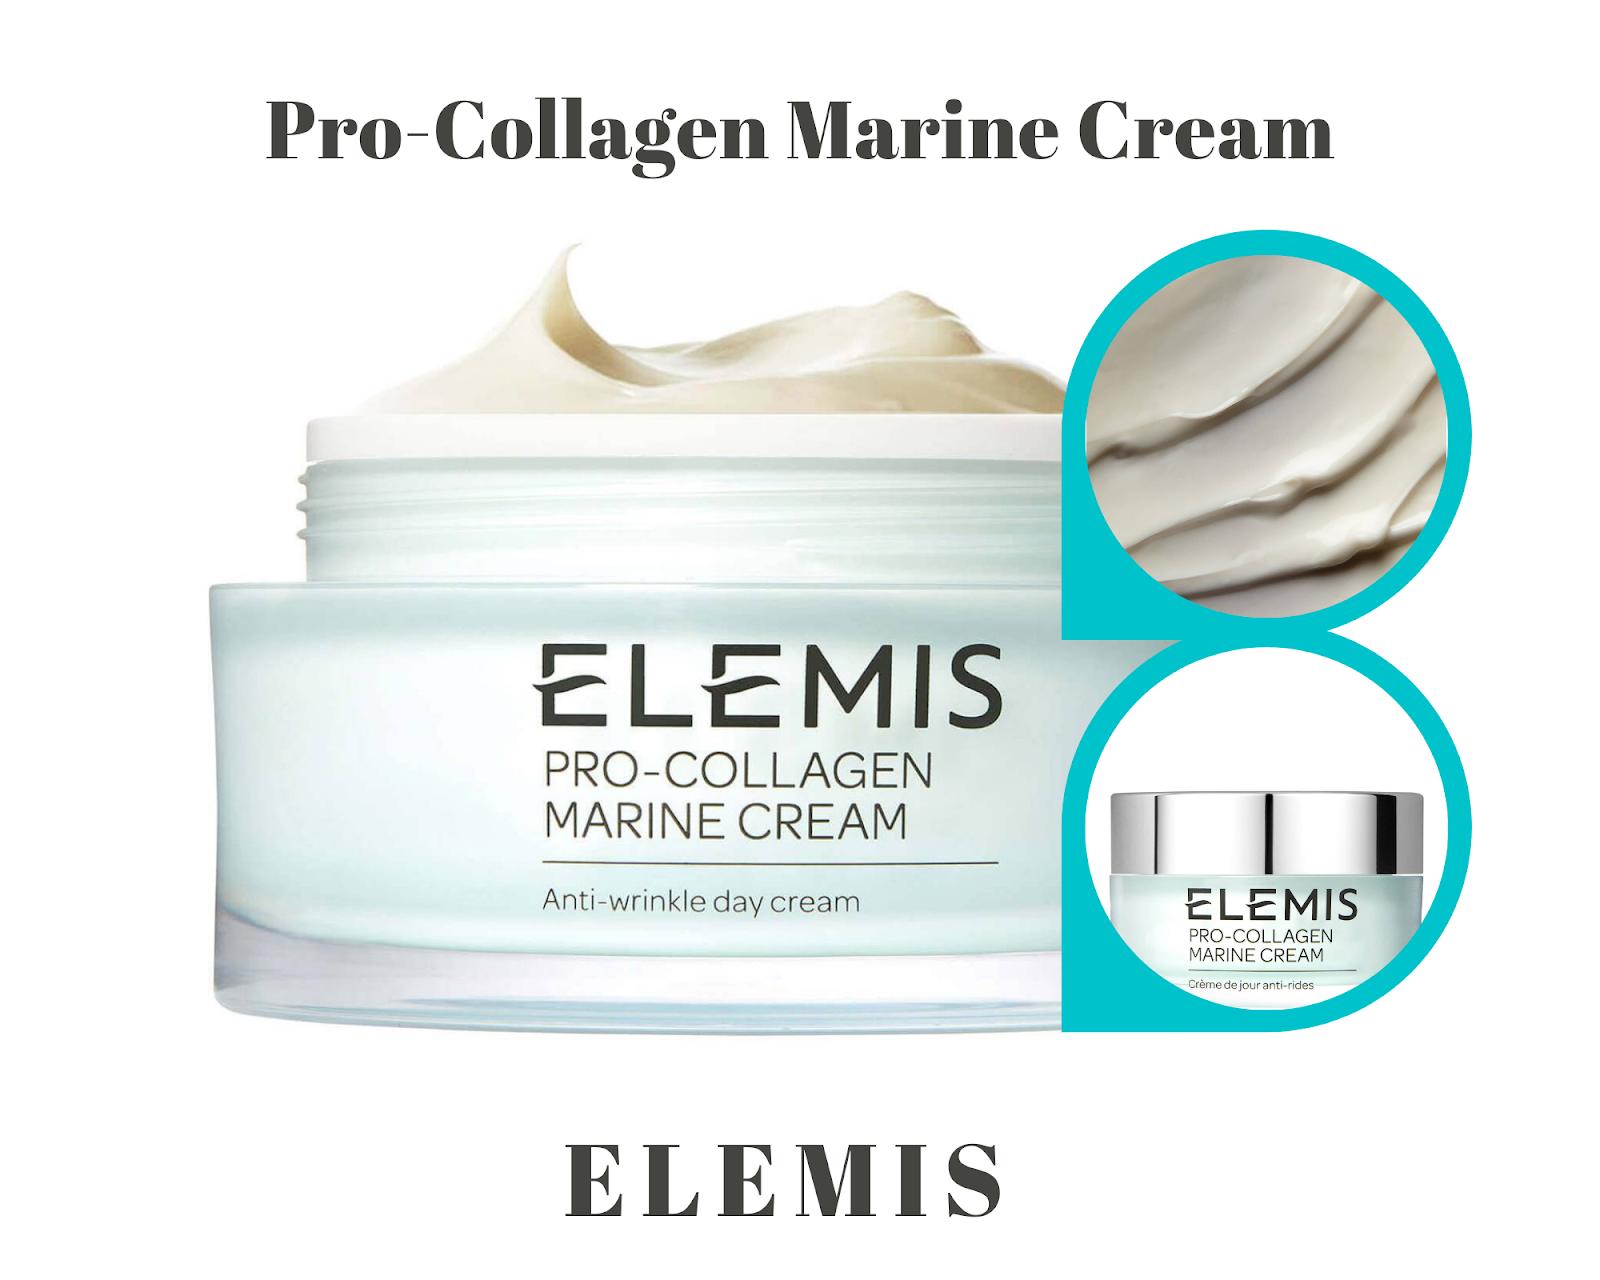 3. Elemis Pro-Collagen Marine Cream